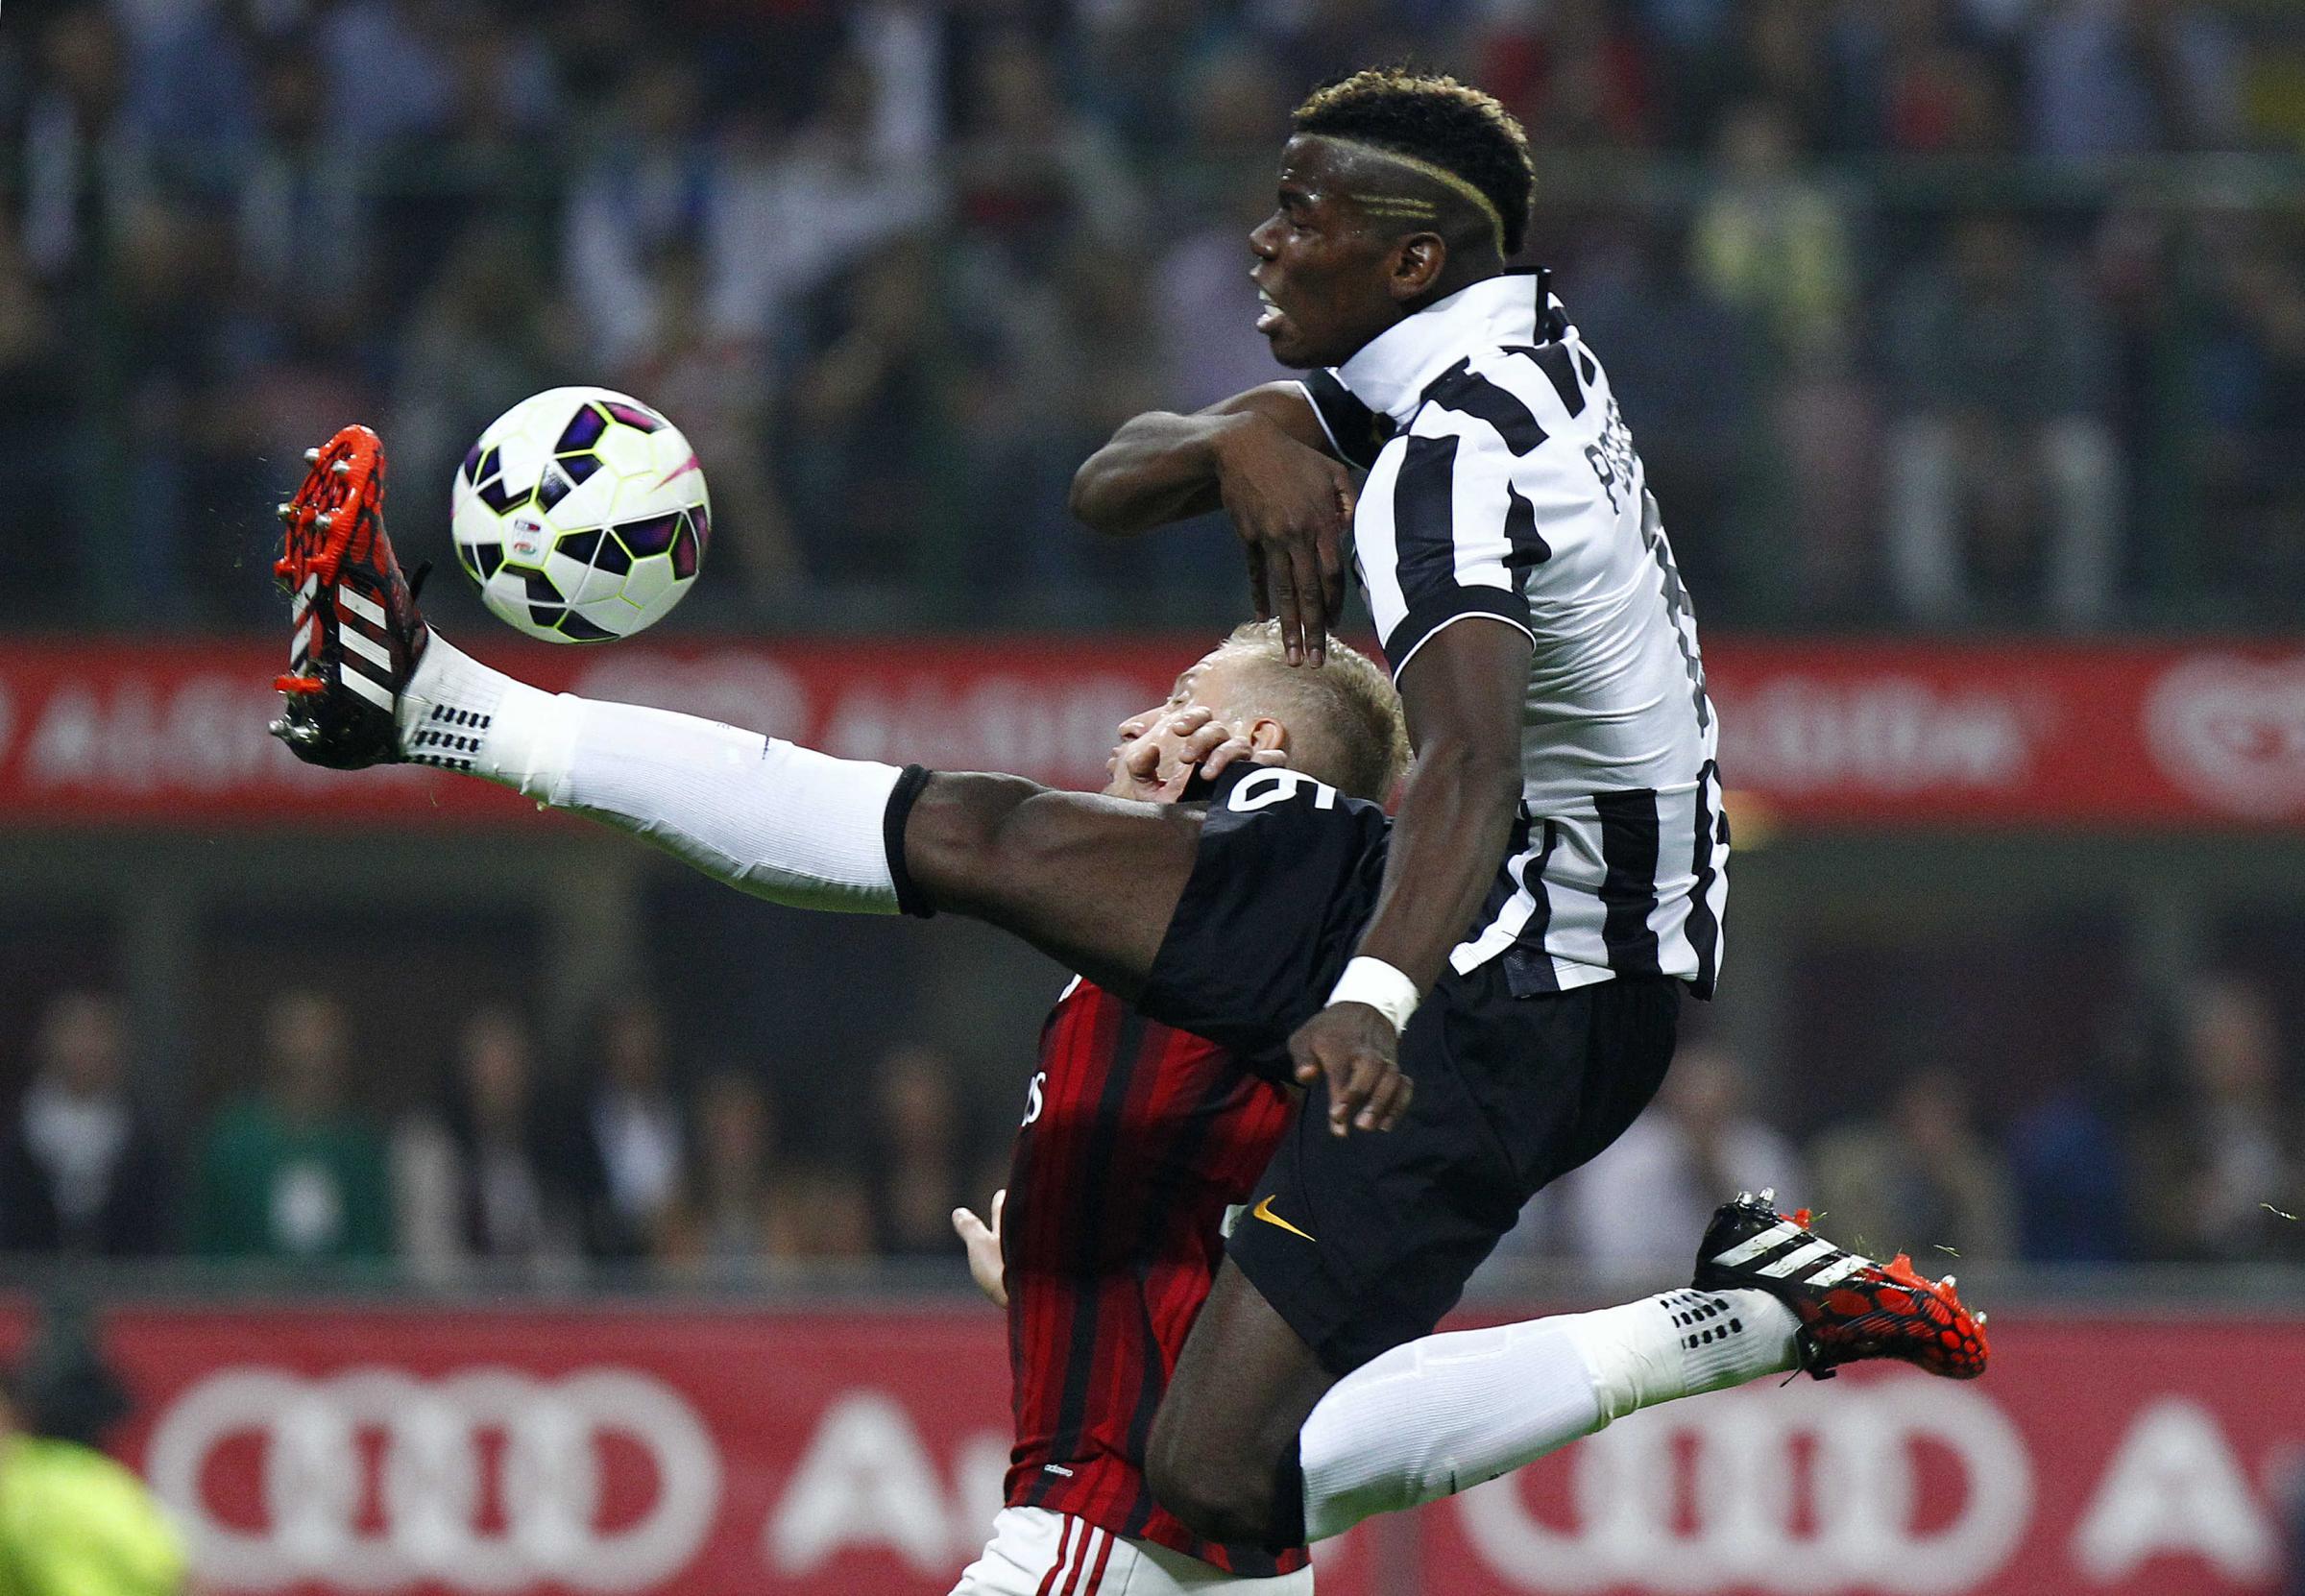 Juventus Milan Live